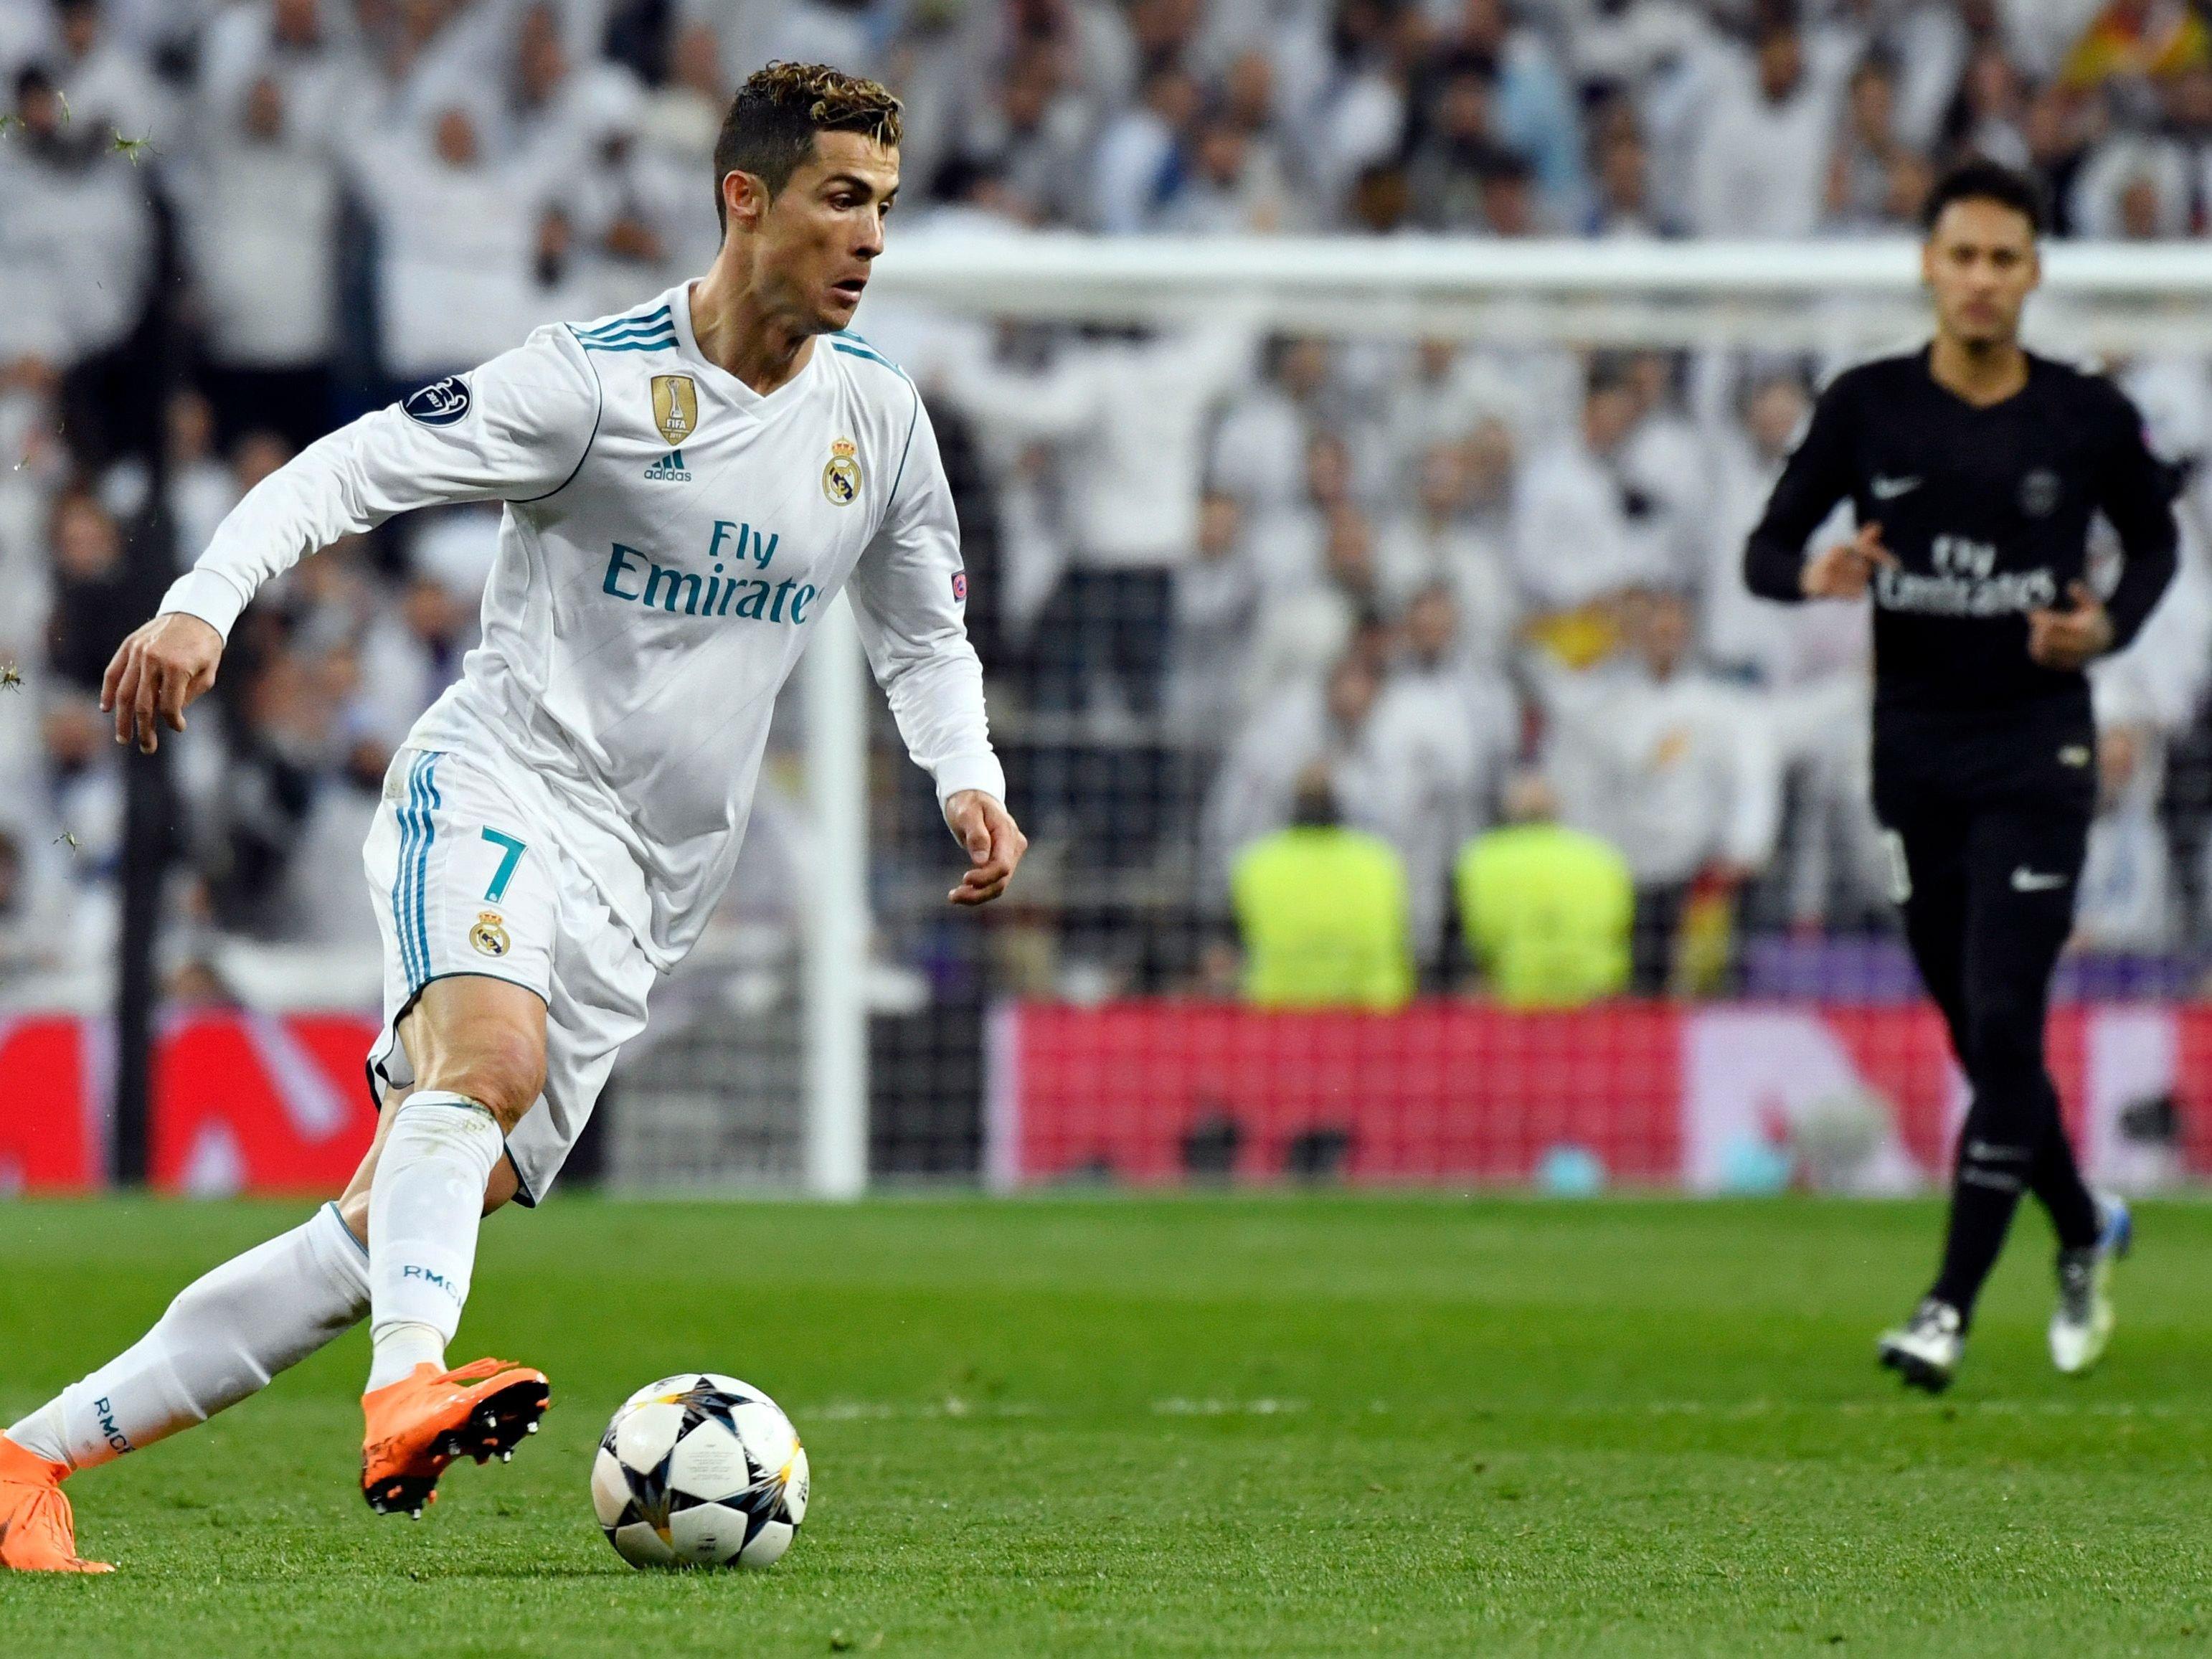 Heute Live Paris Saint Germain Psg Gegen Real Madrid Live